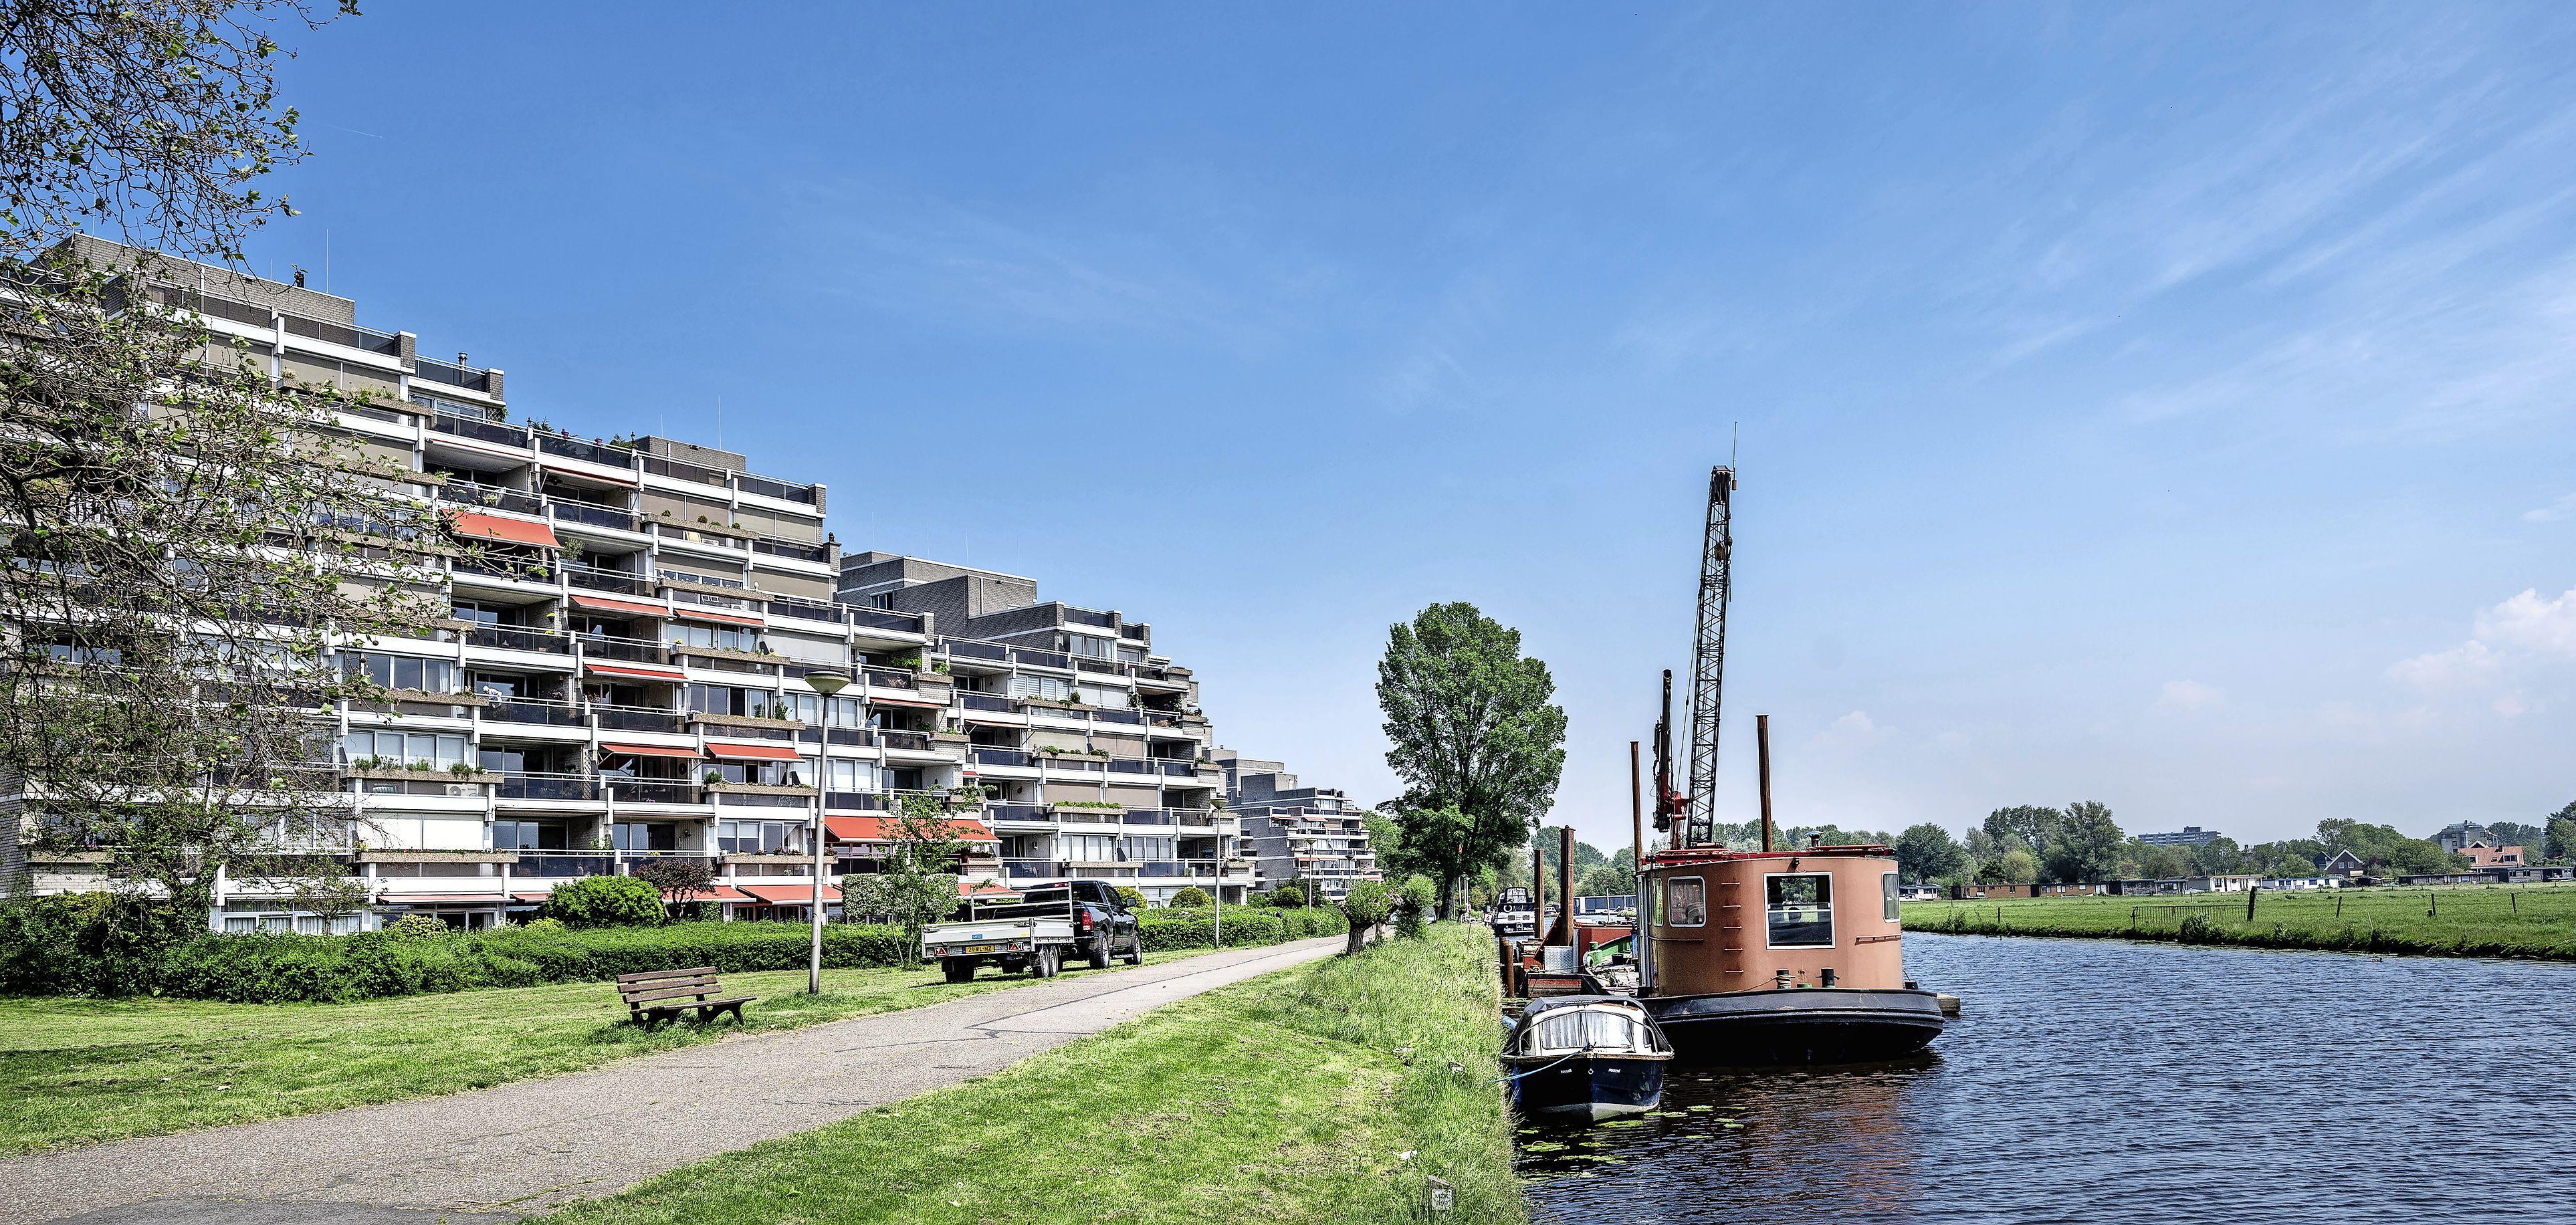 Vragen van Heemsteeds Burger Belang aan college over omstreden schip De Olifant: 'Waarom is de ligplaats niet gewoon opgezegd?'